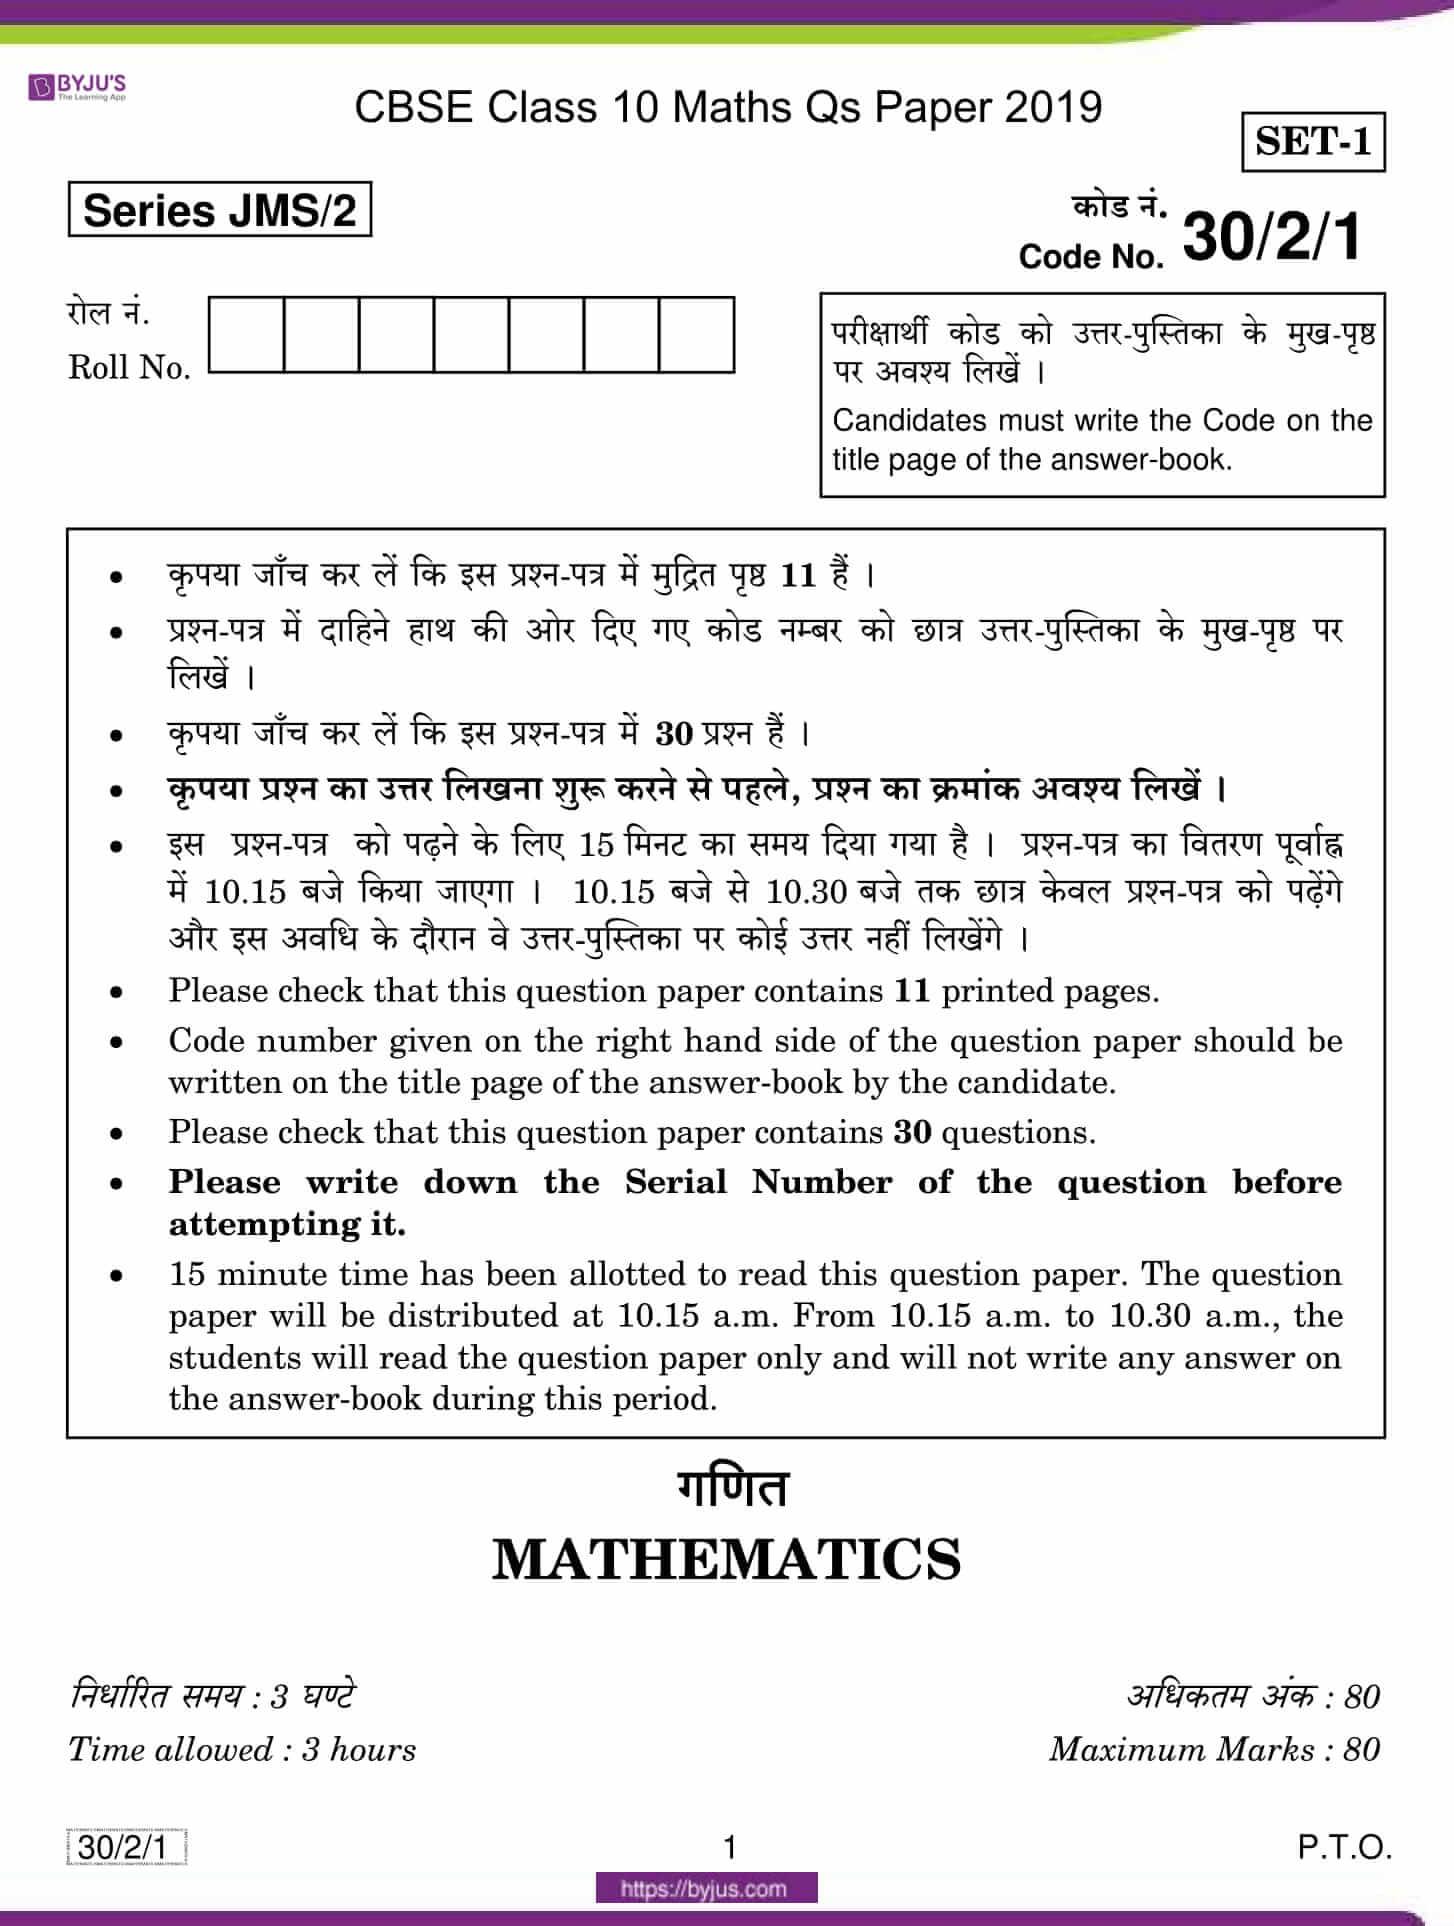 CBSE Class 10 Maths Qs Paper 2019 Set 2 01